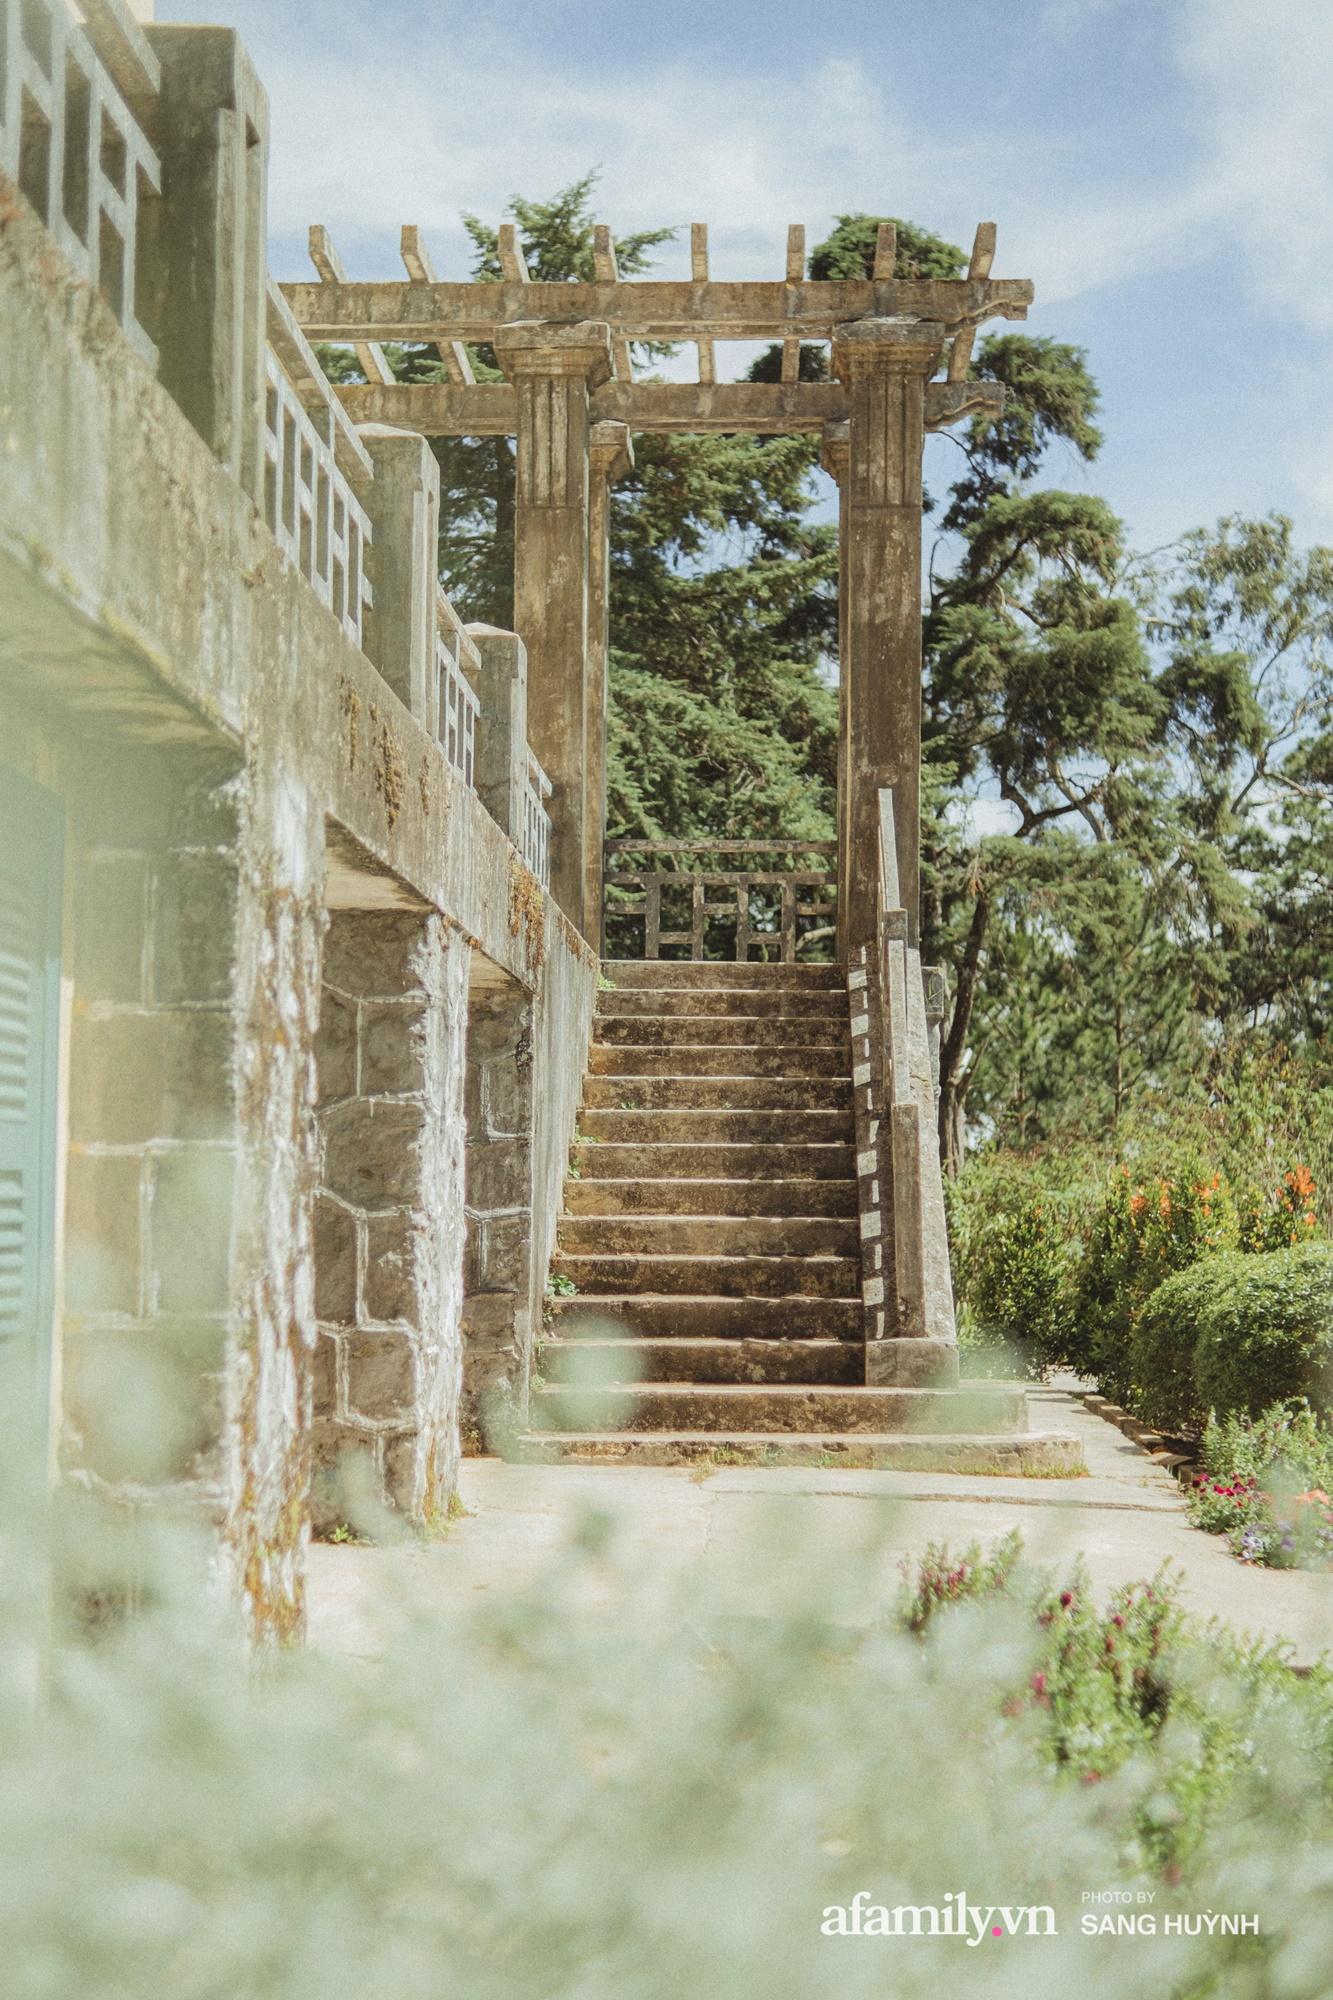 Đà Lạt có muôn vàn nơi để đi, nhưng có một tòa dinh thự nguy nga tráng lệ nằm trên đỉnh ngọn đồi nhìn xuống toàn thành phố, dù bỏ hoang vẫn hút khách ghé thăm - Ảnh 3.